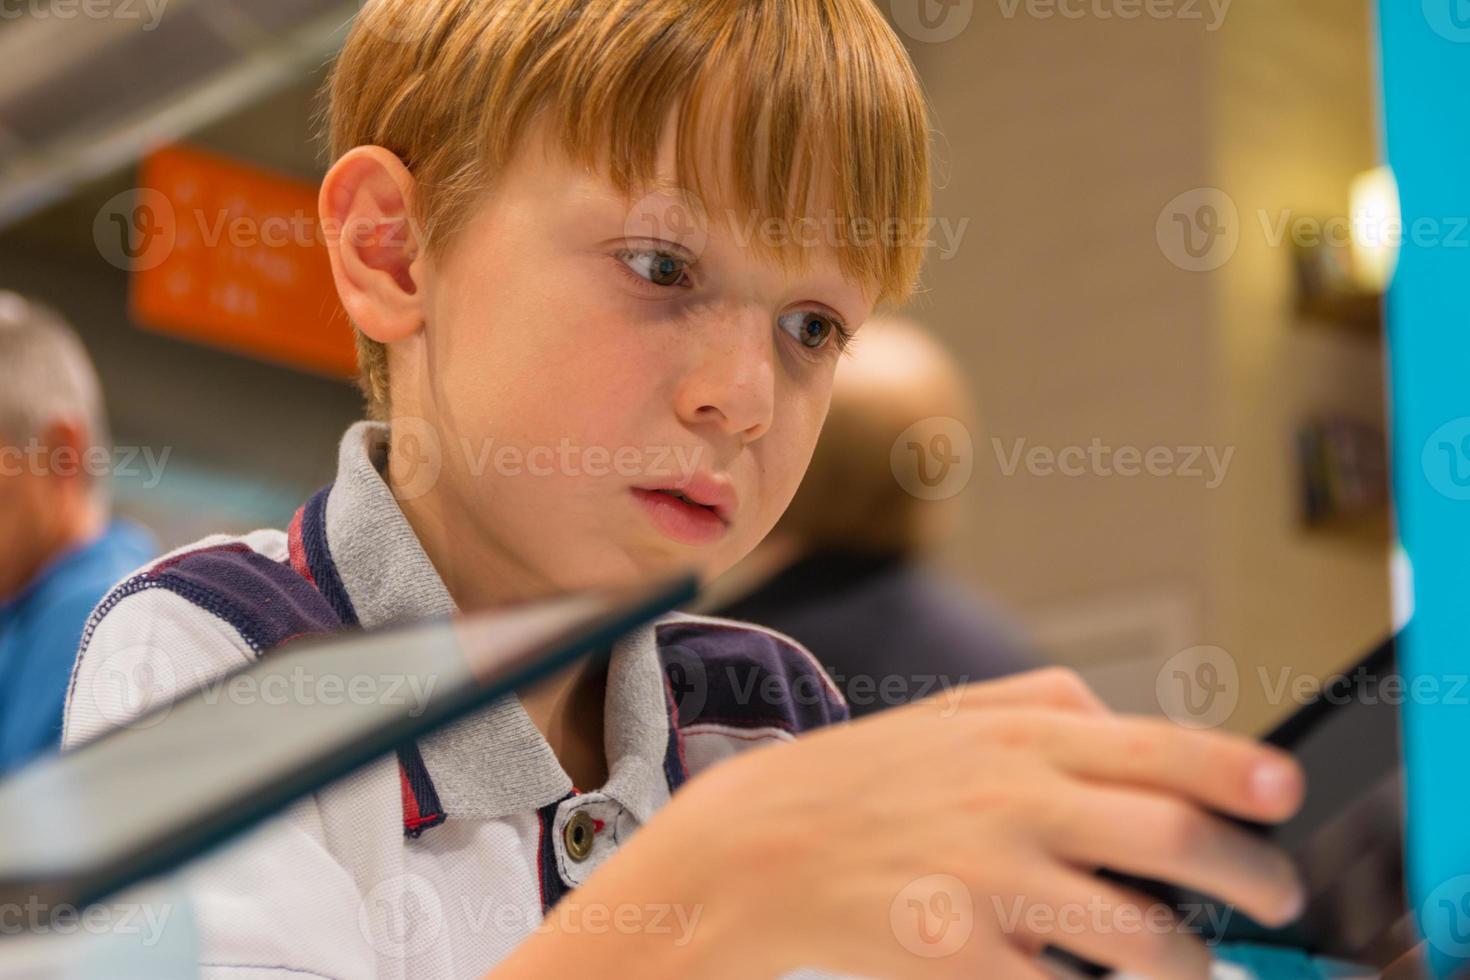 criança (7-8 anos) brincando com o tablet PC em uma loja foto